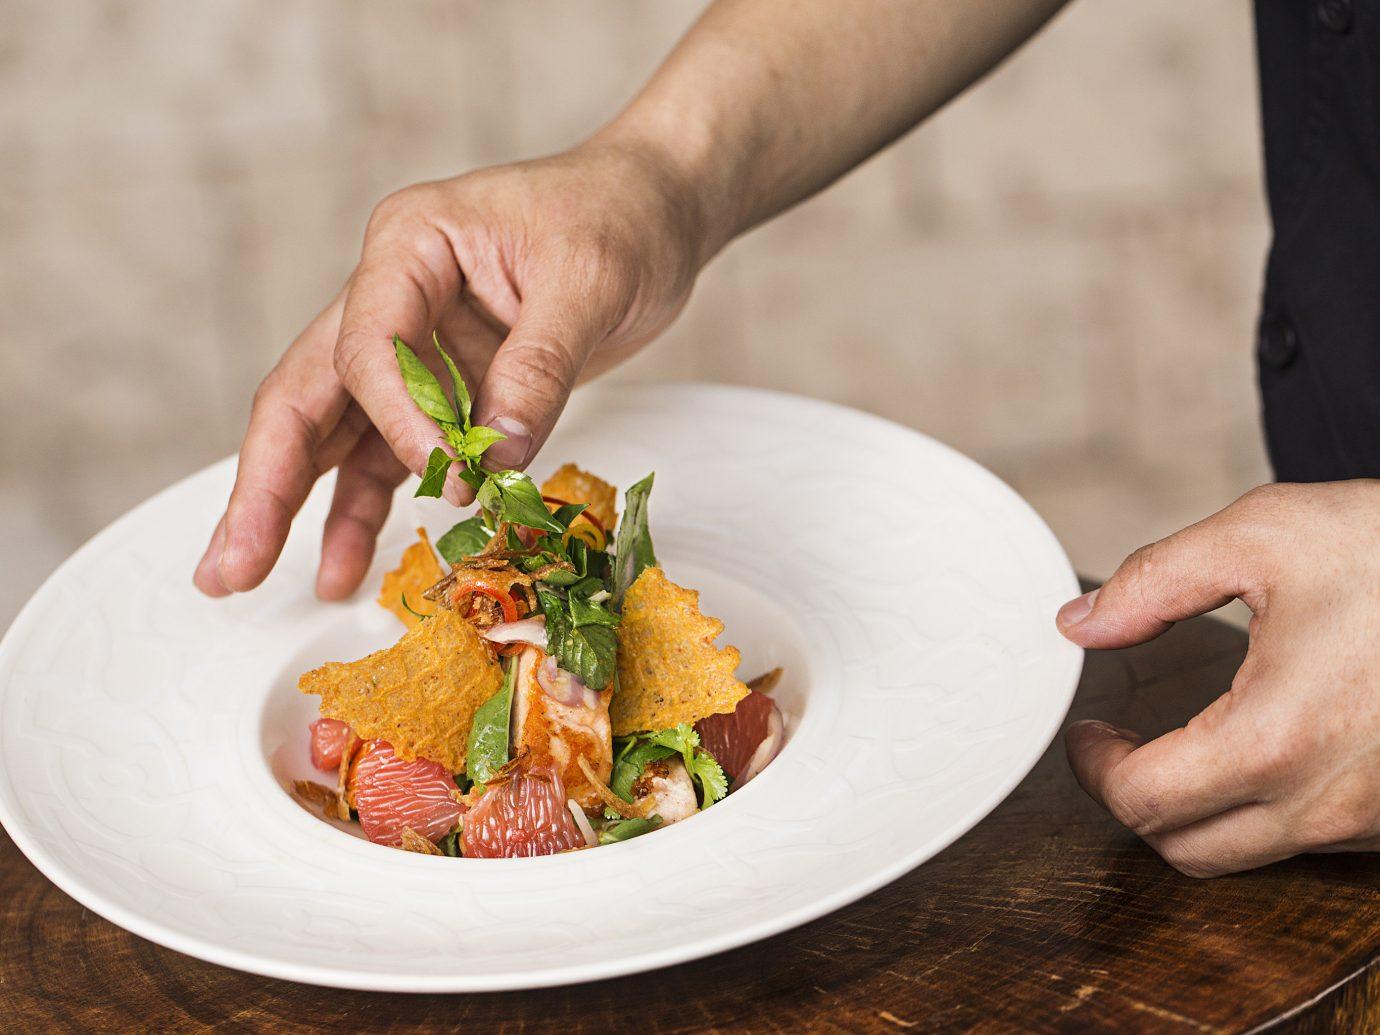 Hotels Weekend Getaways person plate food dish meal vegetable produce cuisine sense meat snack food